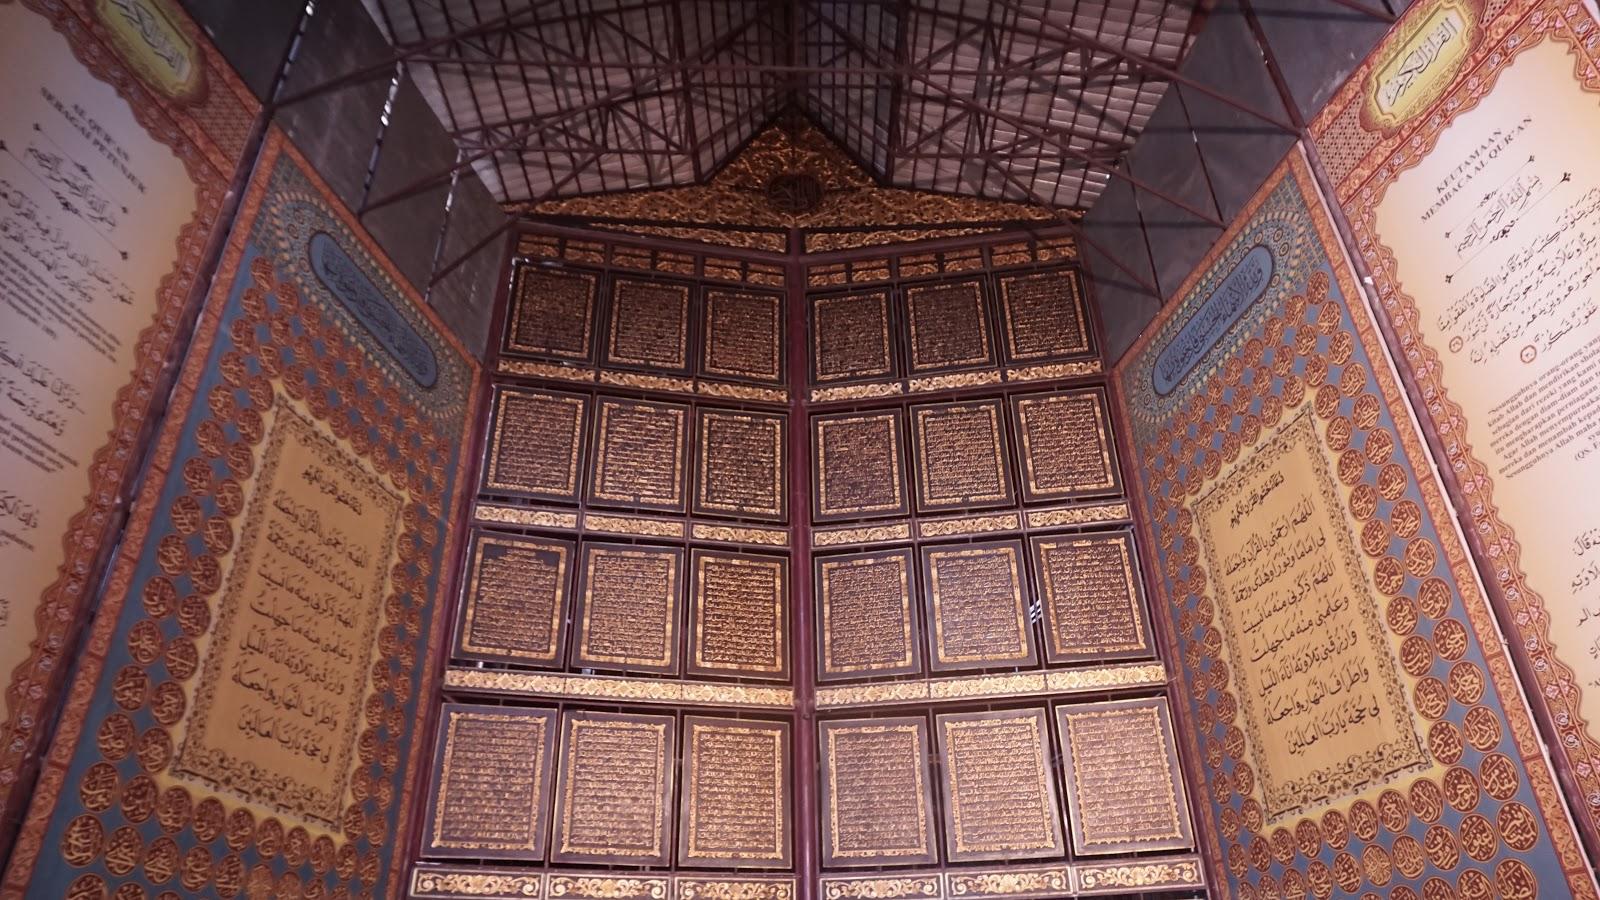 Yang Perlu Kamu Tahu tentang Wisata Religi Al-qur'an Raksasa